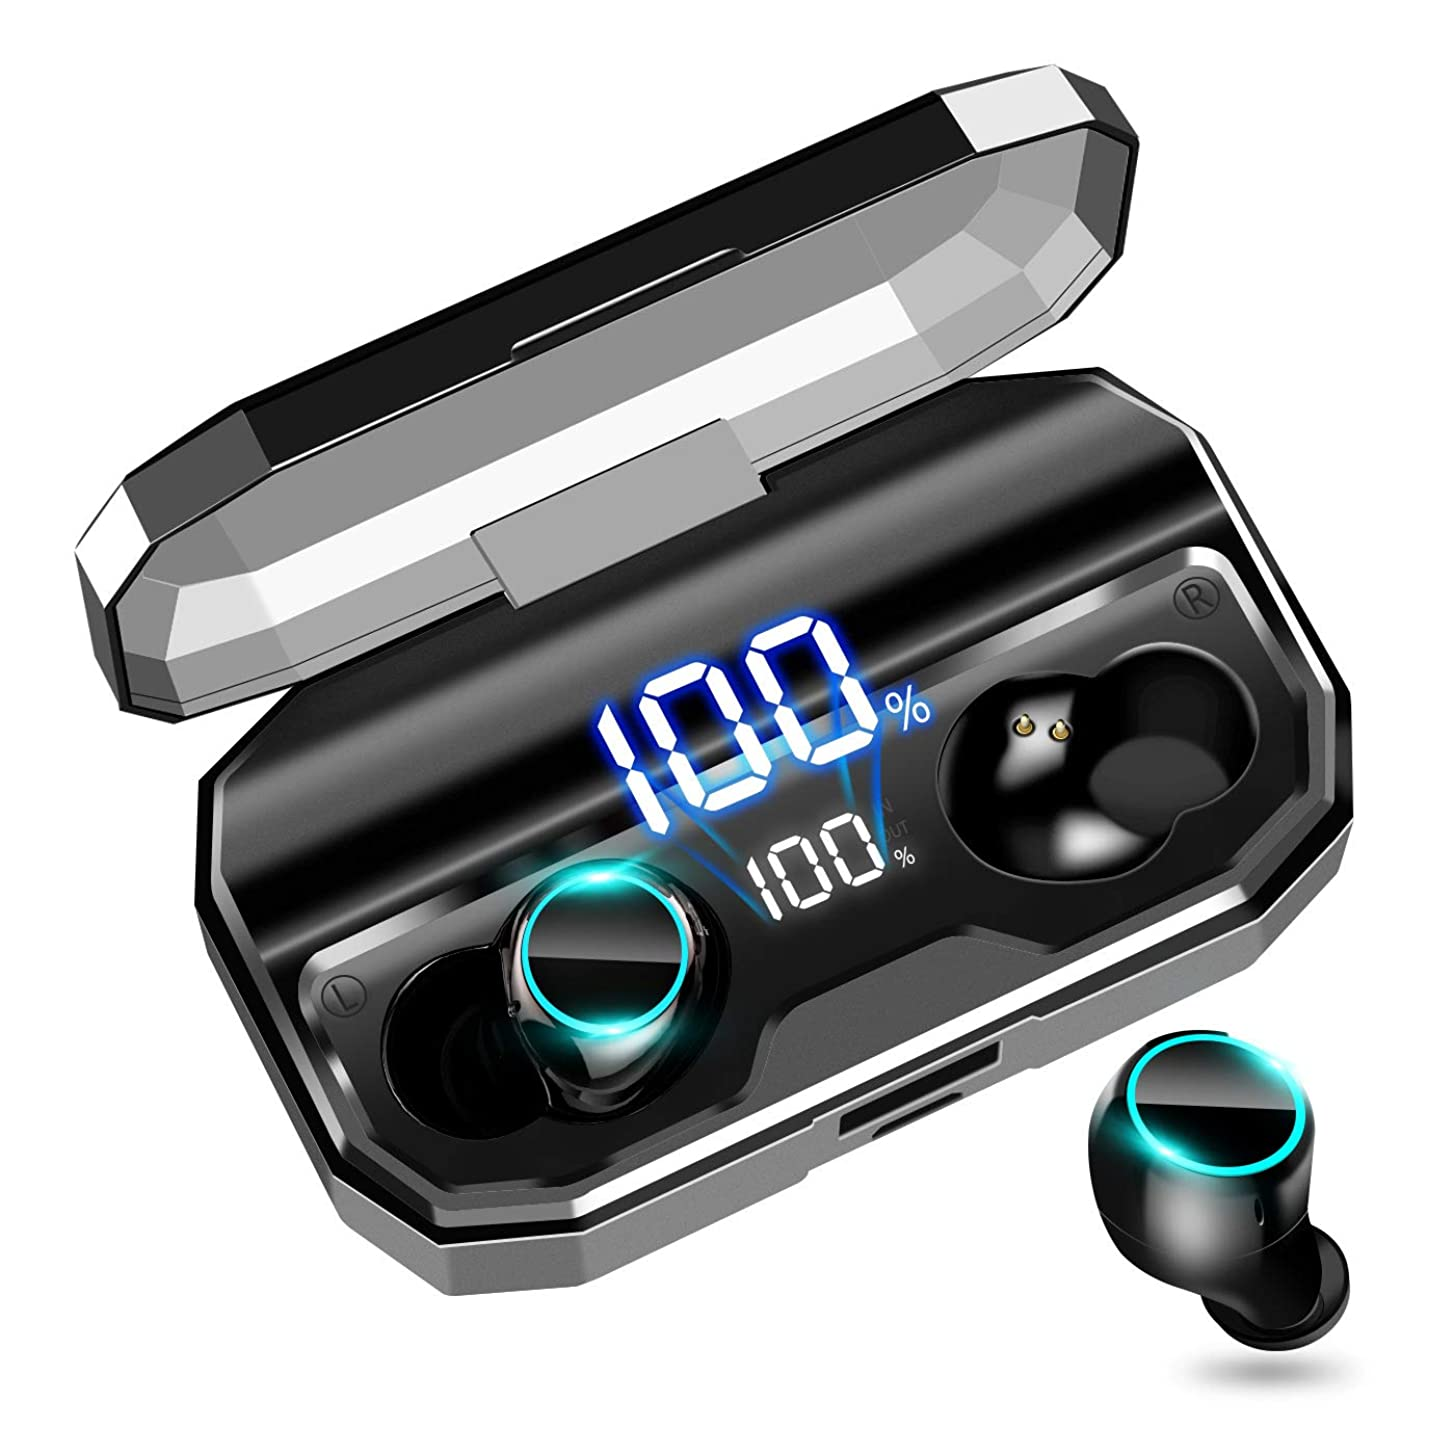 個人的なネクタイダム【防水進化版 IPX6対応】SoundPEATS(サウンドピーツ) Q30 Plus Bluetooth イヤホン 10MMドライバー搭載 高音質 [メーカー1年保証] 低音重視 8時間連続再生 apt-Xコーデック採用 人間工学設計 マグネット搭載 CVC6.0ノイズキャンセリング マイク付き ハンズフリー通話 ブルートゥース イヤホン IP6X防塵 ワイヤレス イヤホン Bluetooth ヘッドホン (ブラック)